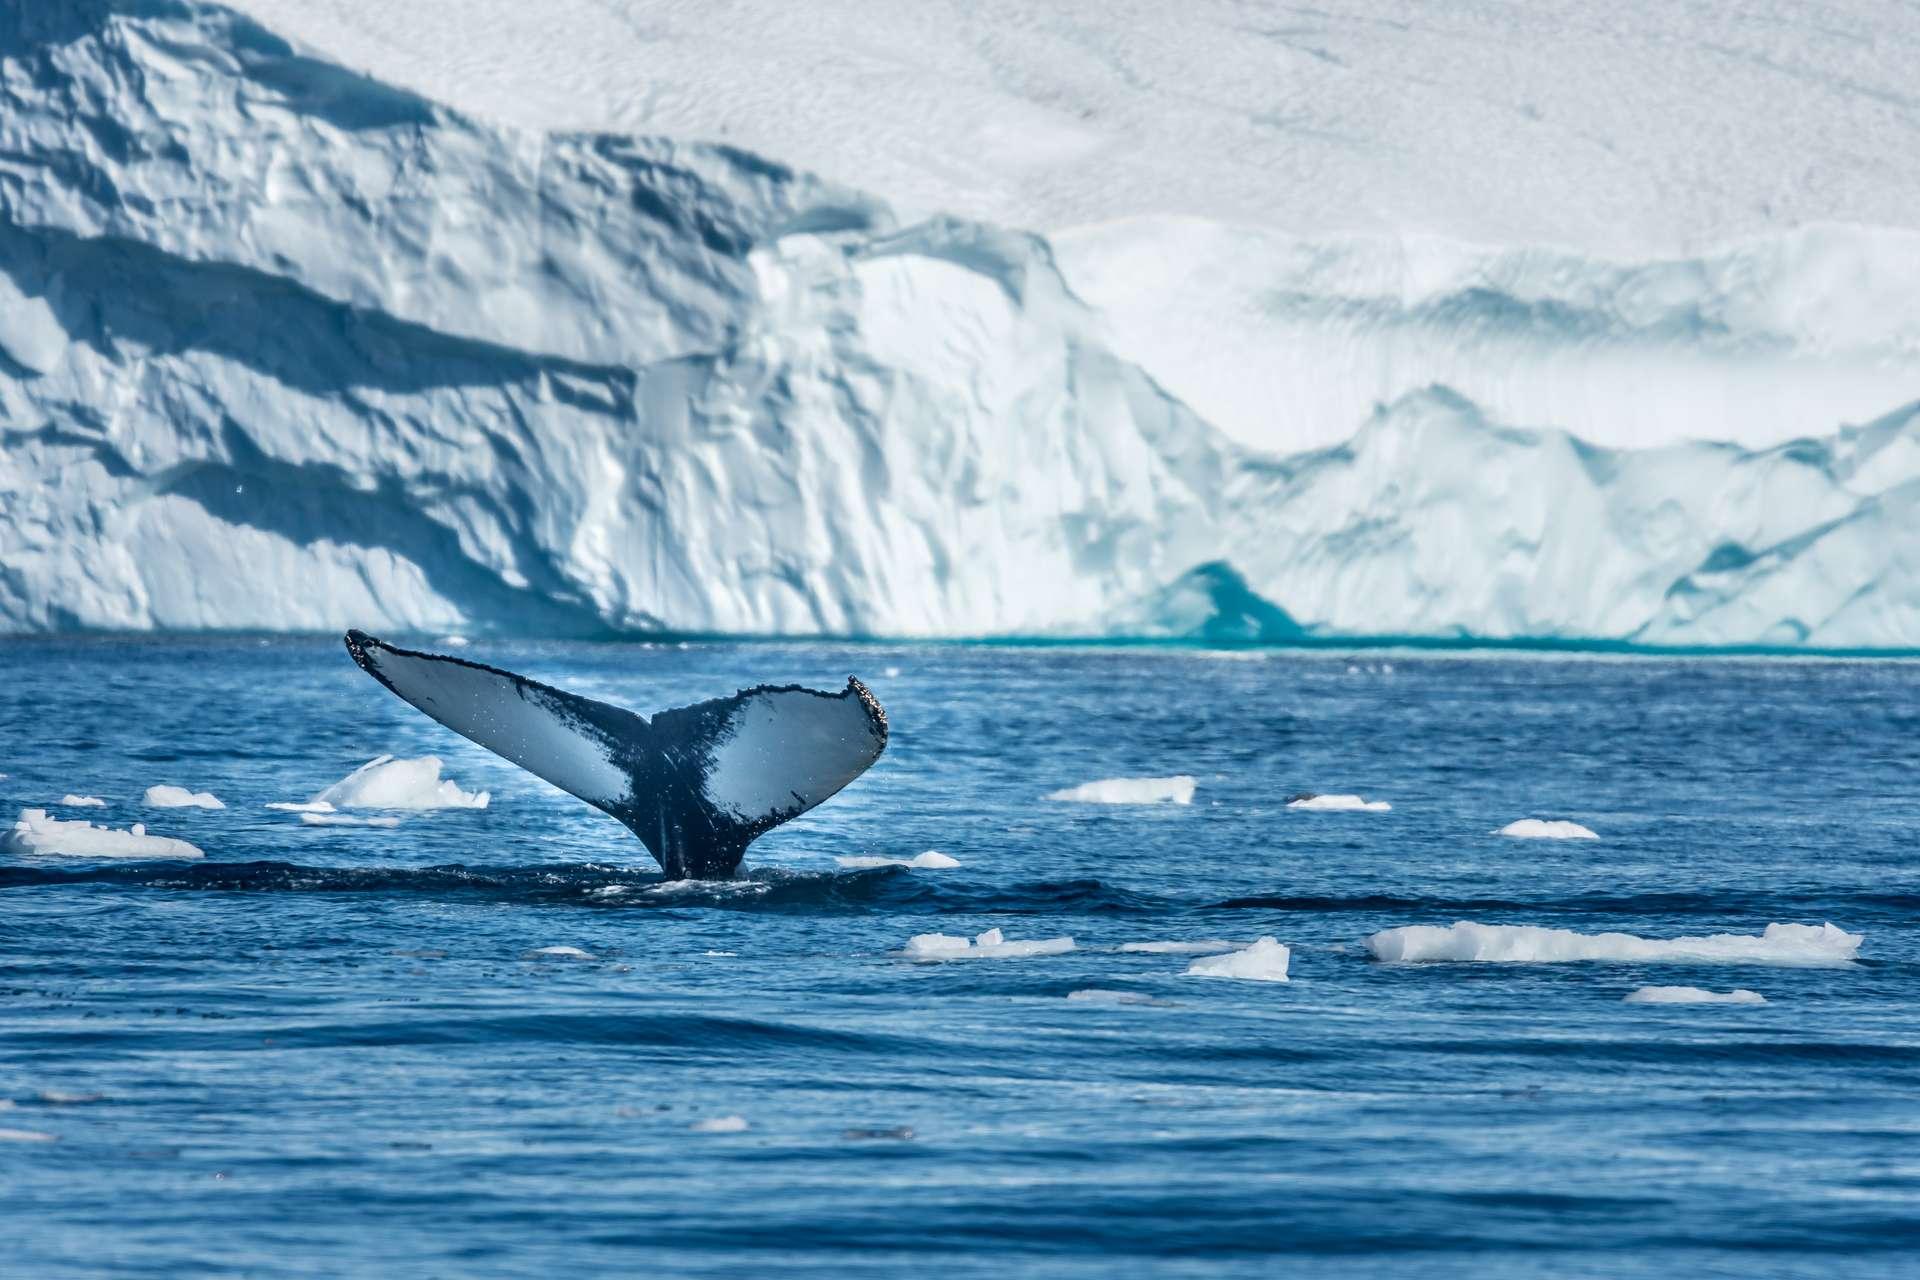 La fonte du Groenland a des conséquences sur la vie aux alentours. © Luis, Adobe Stock